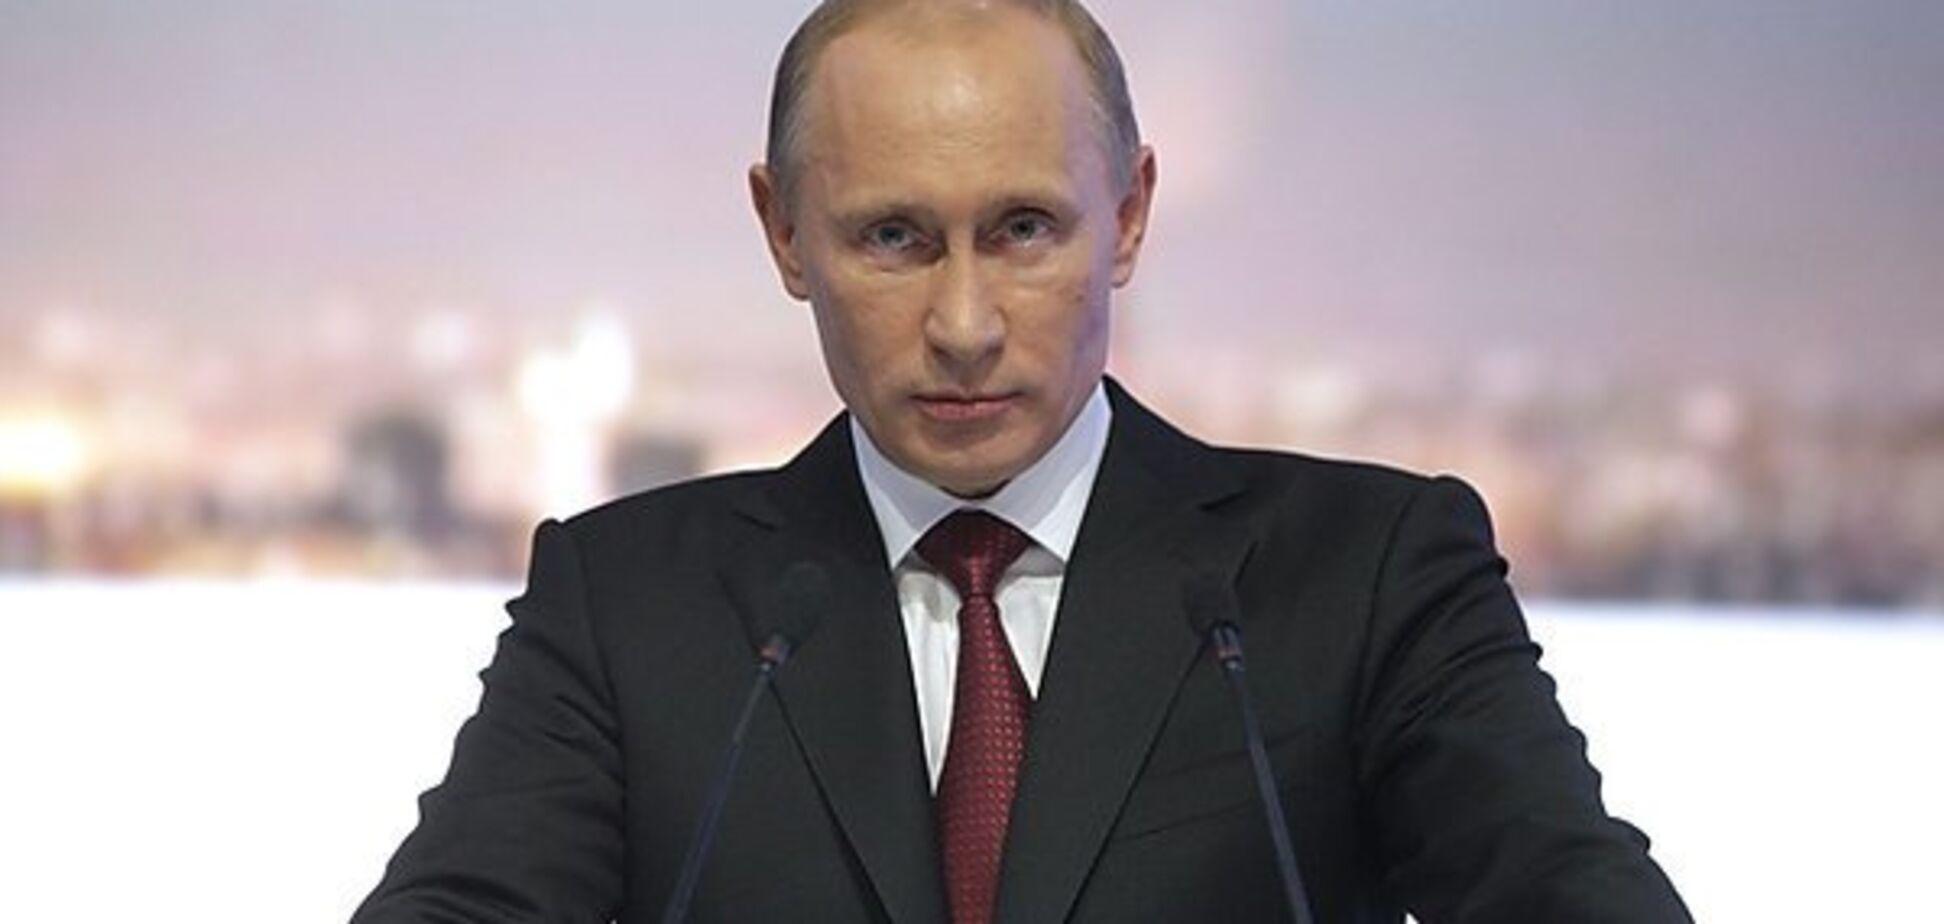 О, диво! Путін раптово 'доріс' до майже 2-метрового актора